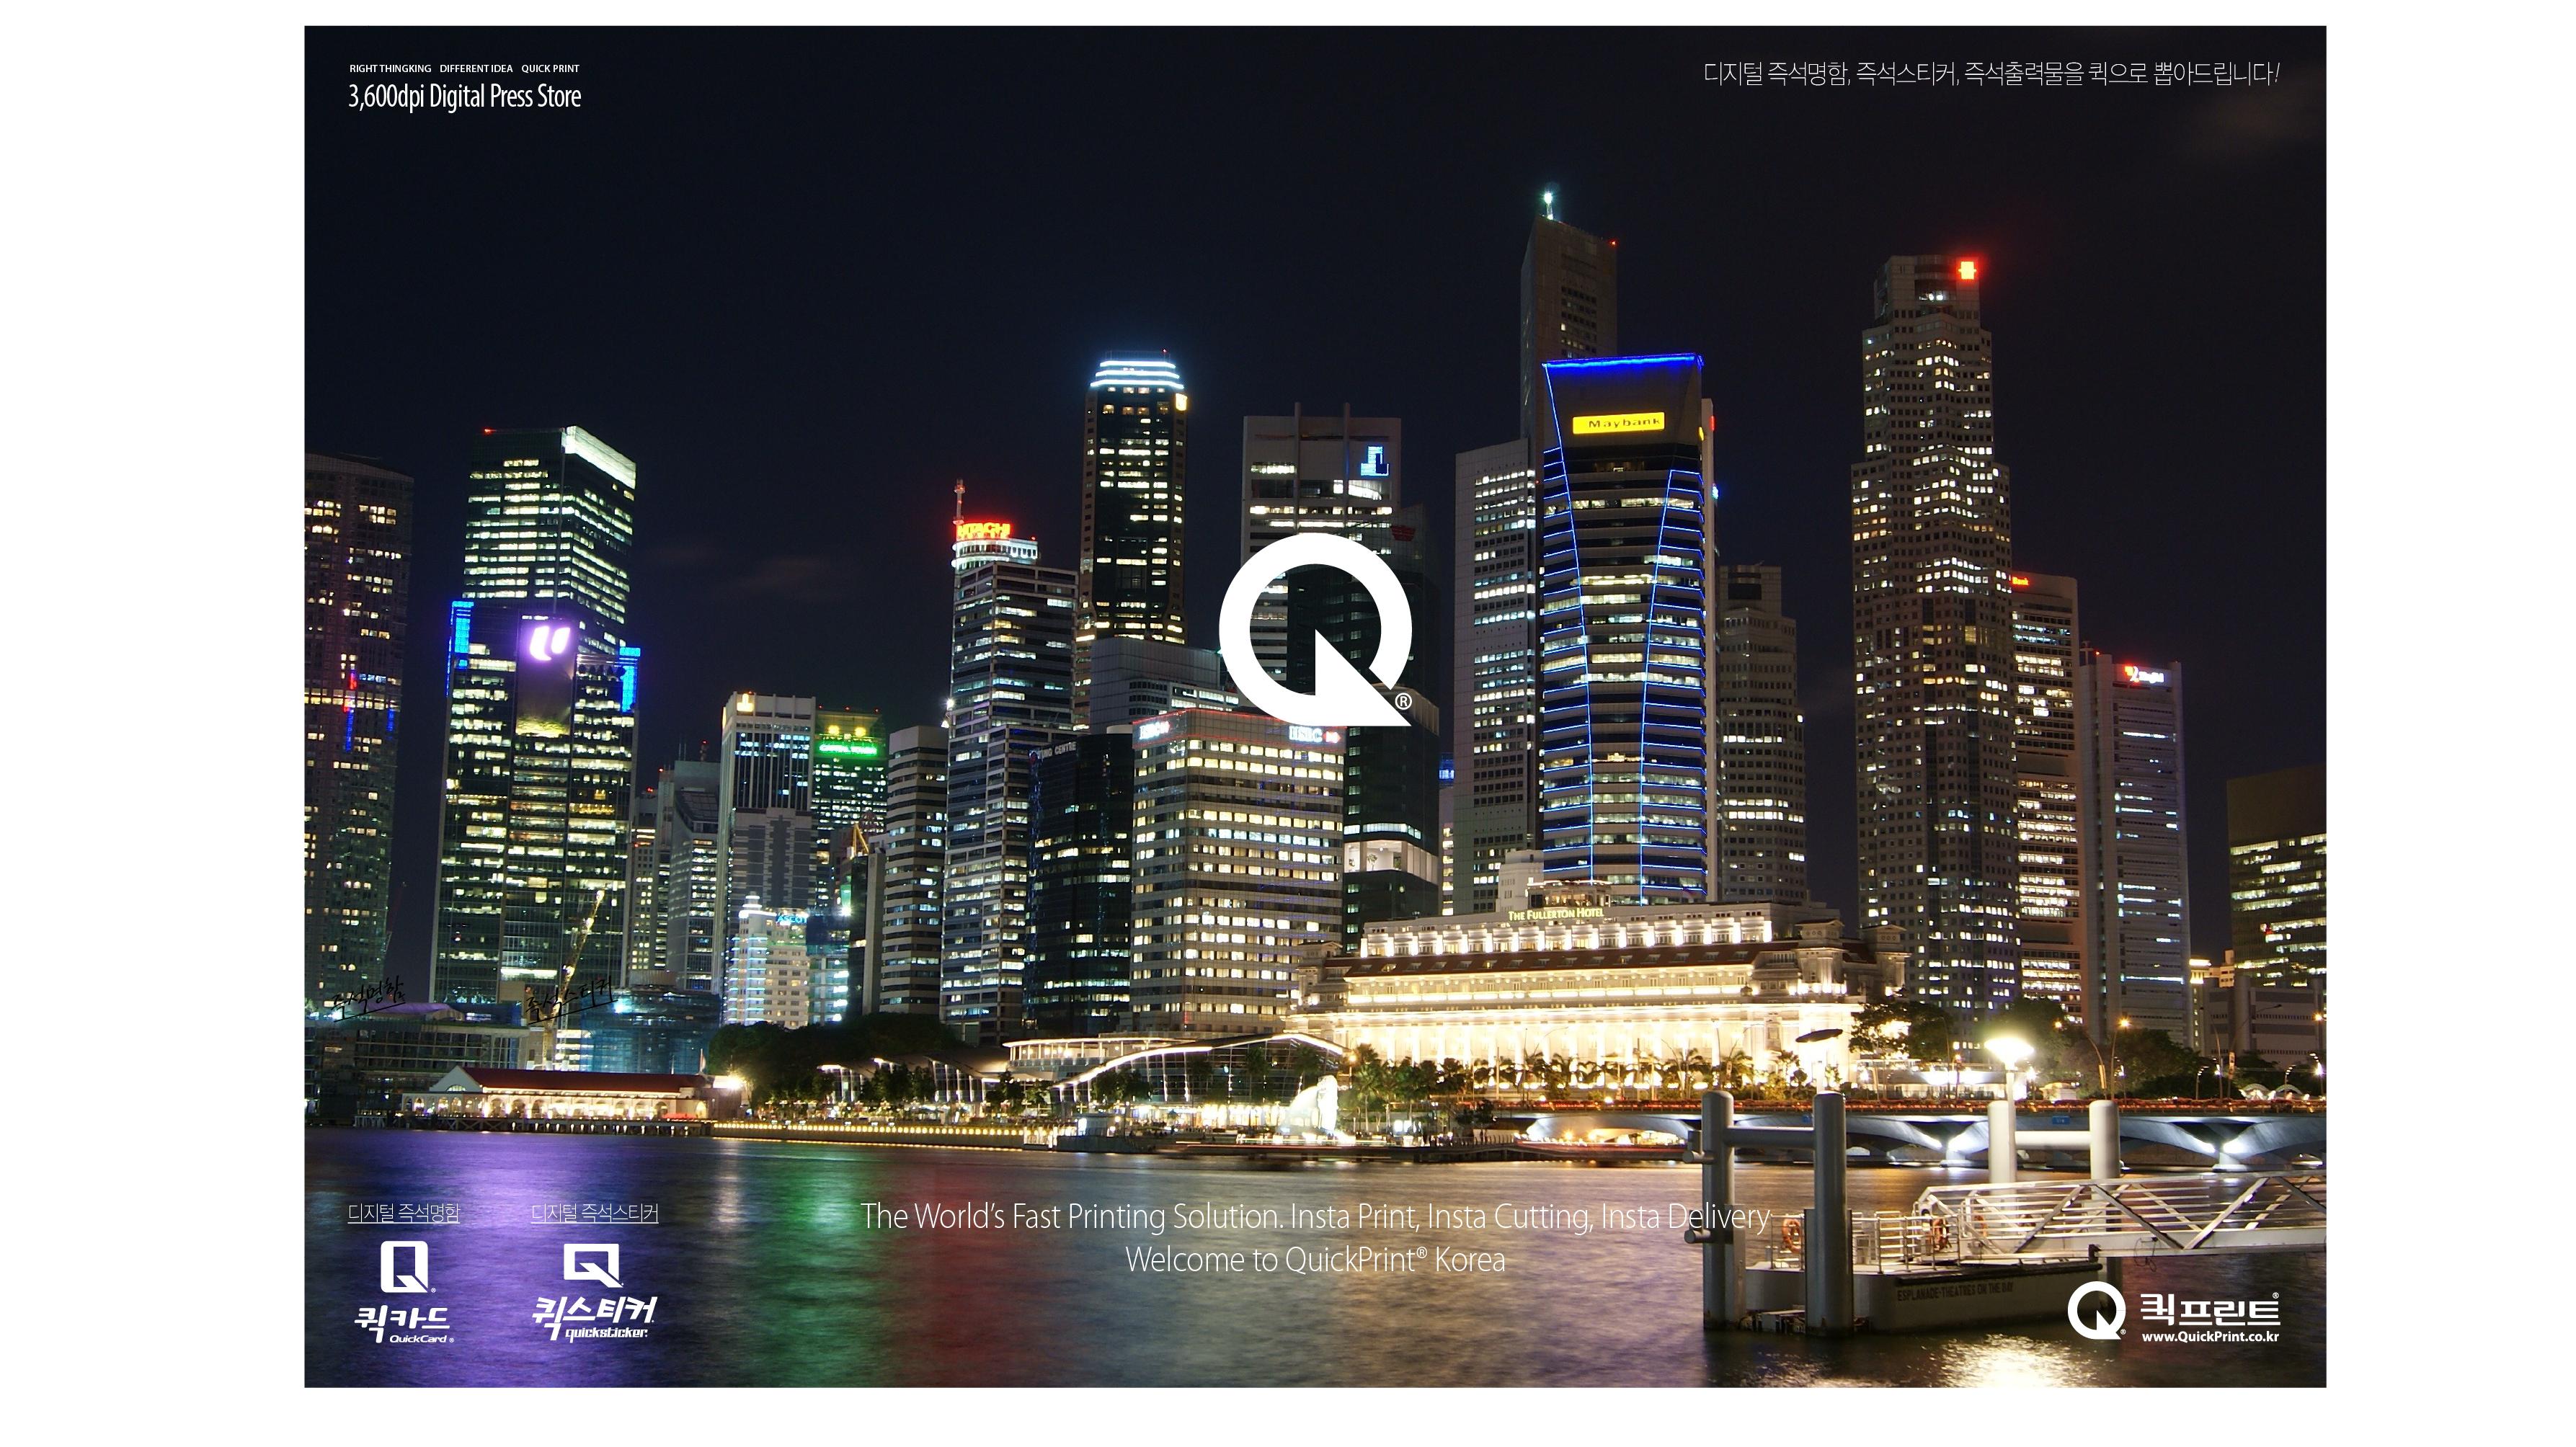 싱가폴에서도 유명해요! 싱가포르, 루마니아, 포스터